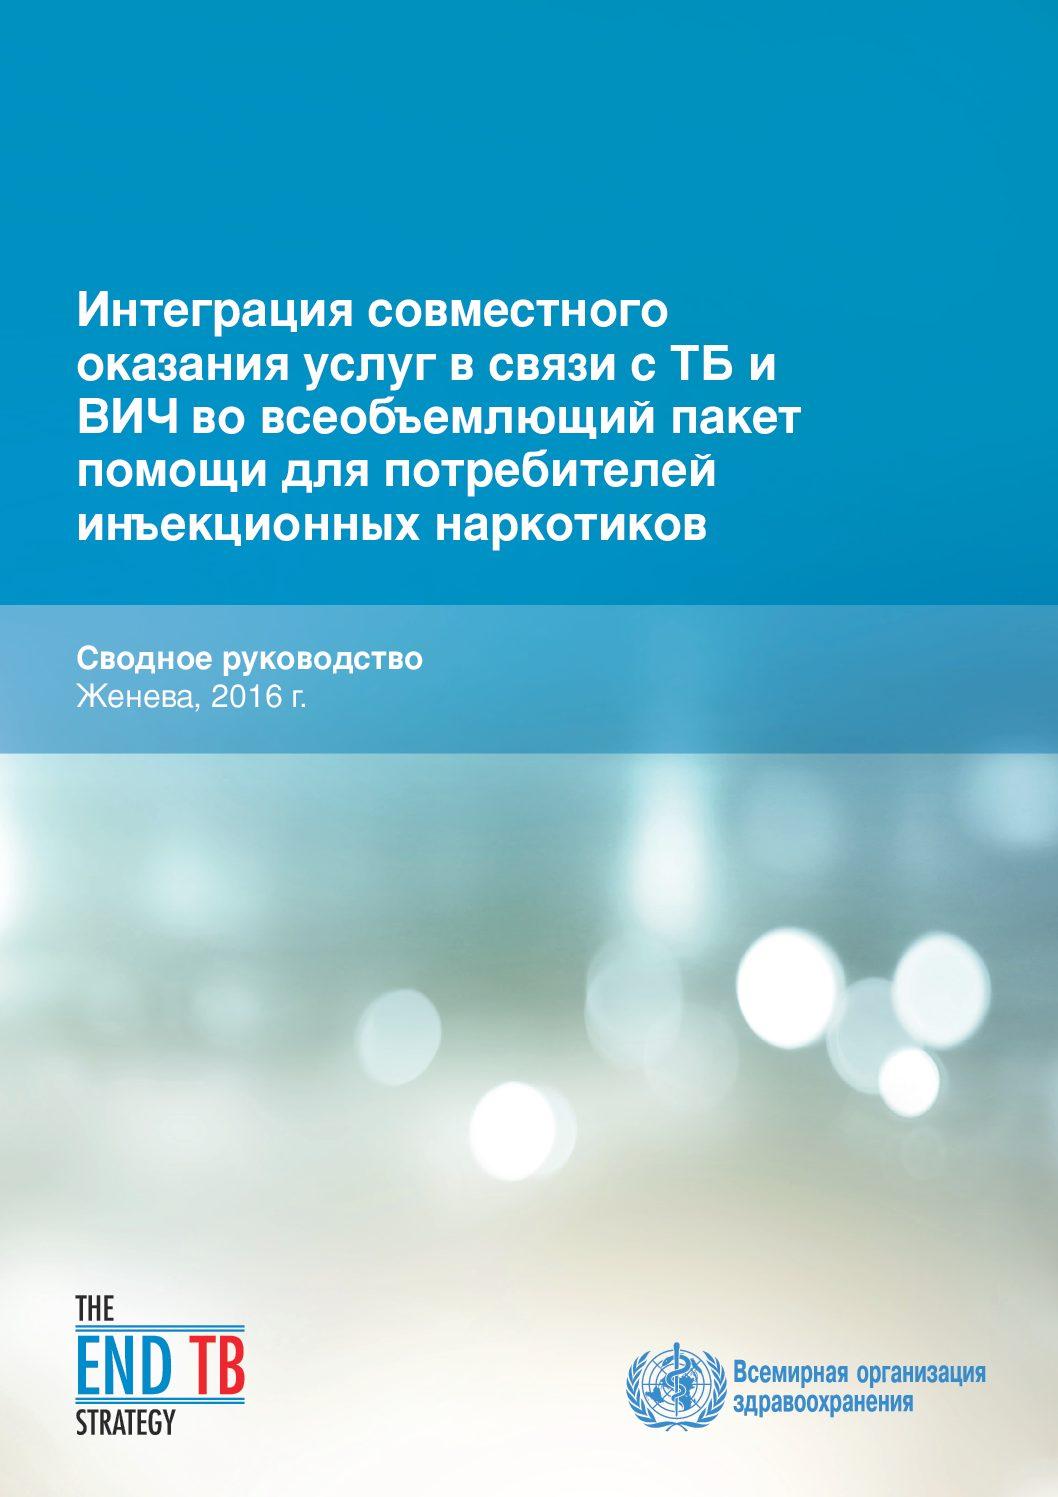 Интеграция совместного оказания услуг в связи с ТБ и ВИЧ во всеобъемлющий пакет помощи для потребителей инъекционных наркотиков.